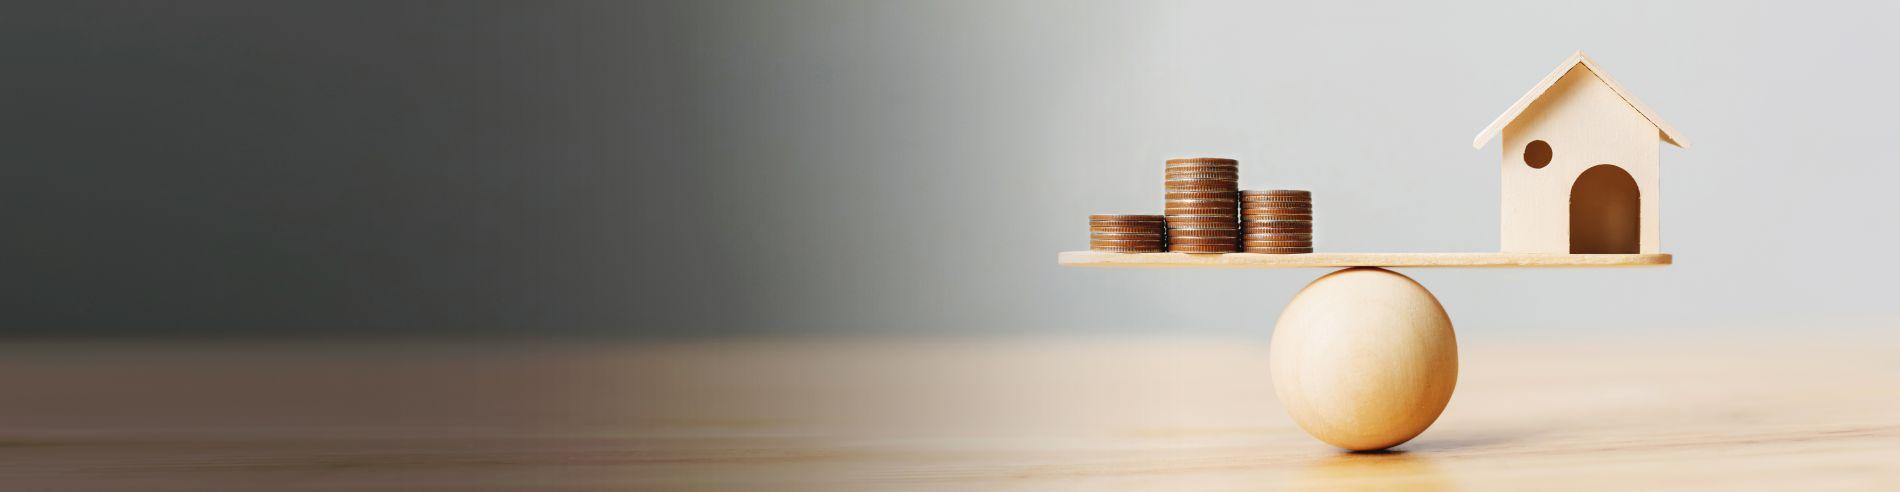 Кредит на недвижимость под залог без отказа и поручителей